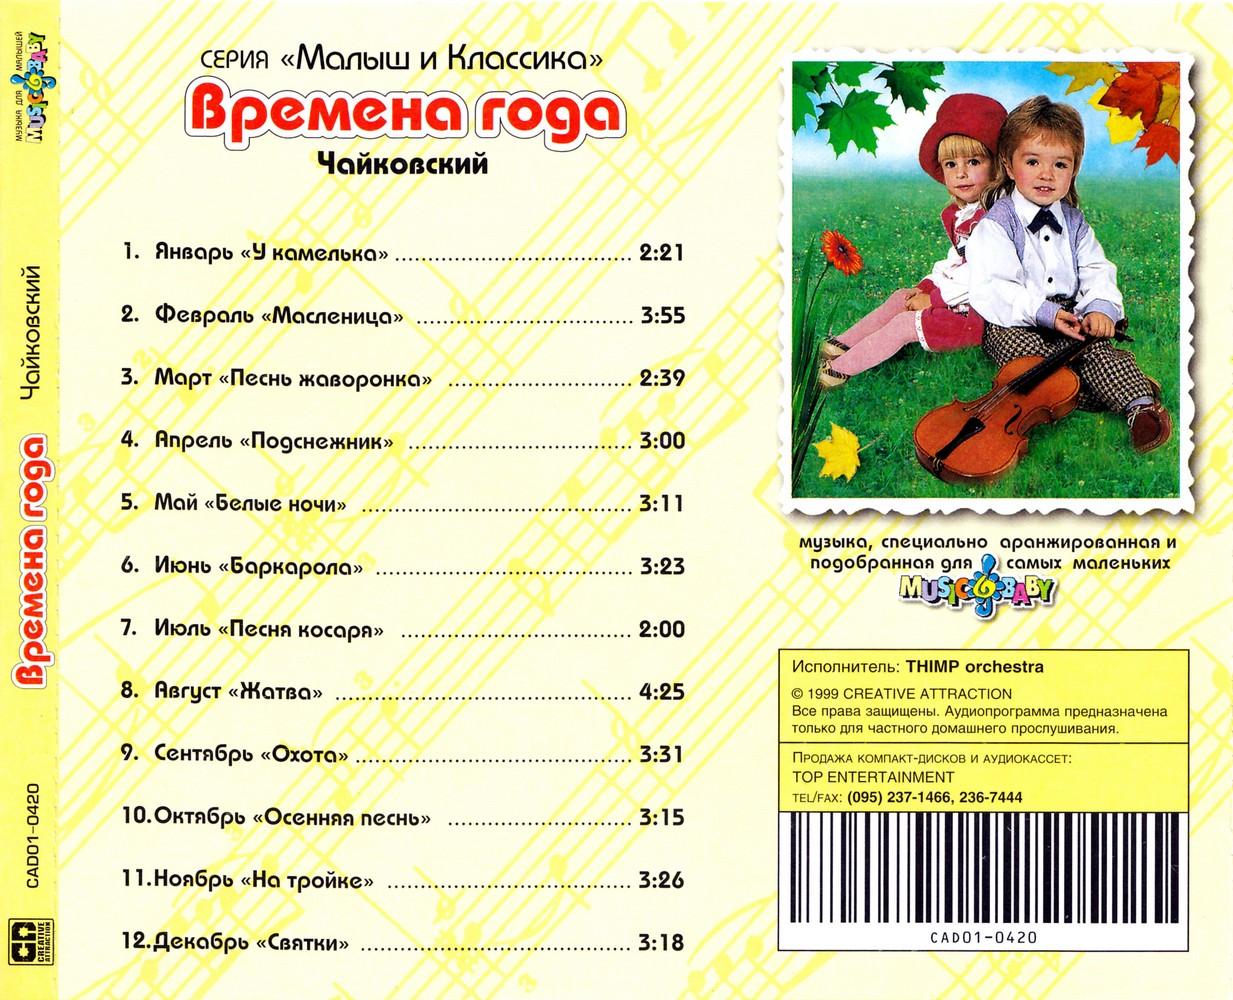 Малыш и классика: Времена года (Чайковский)